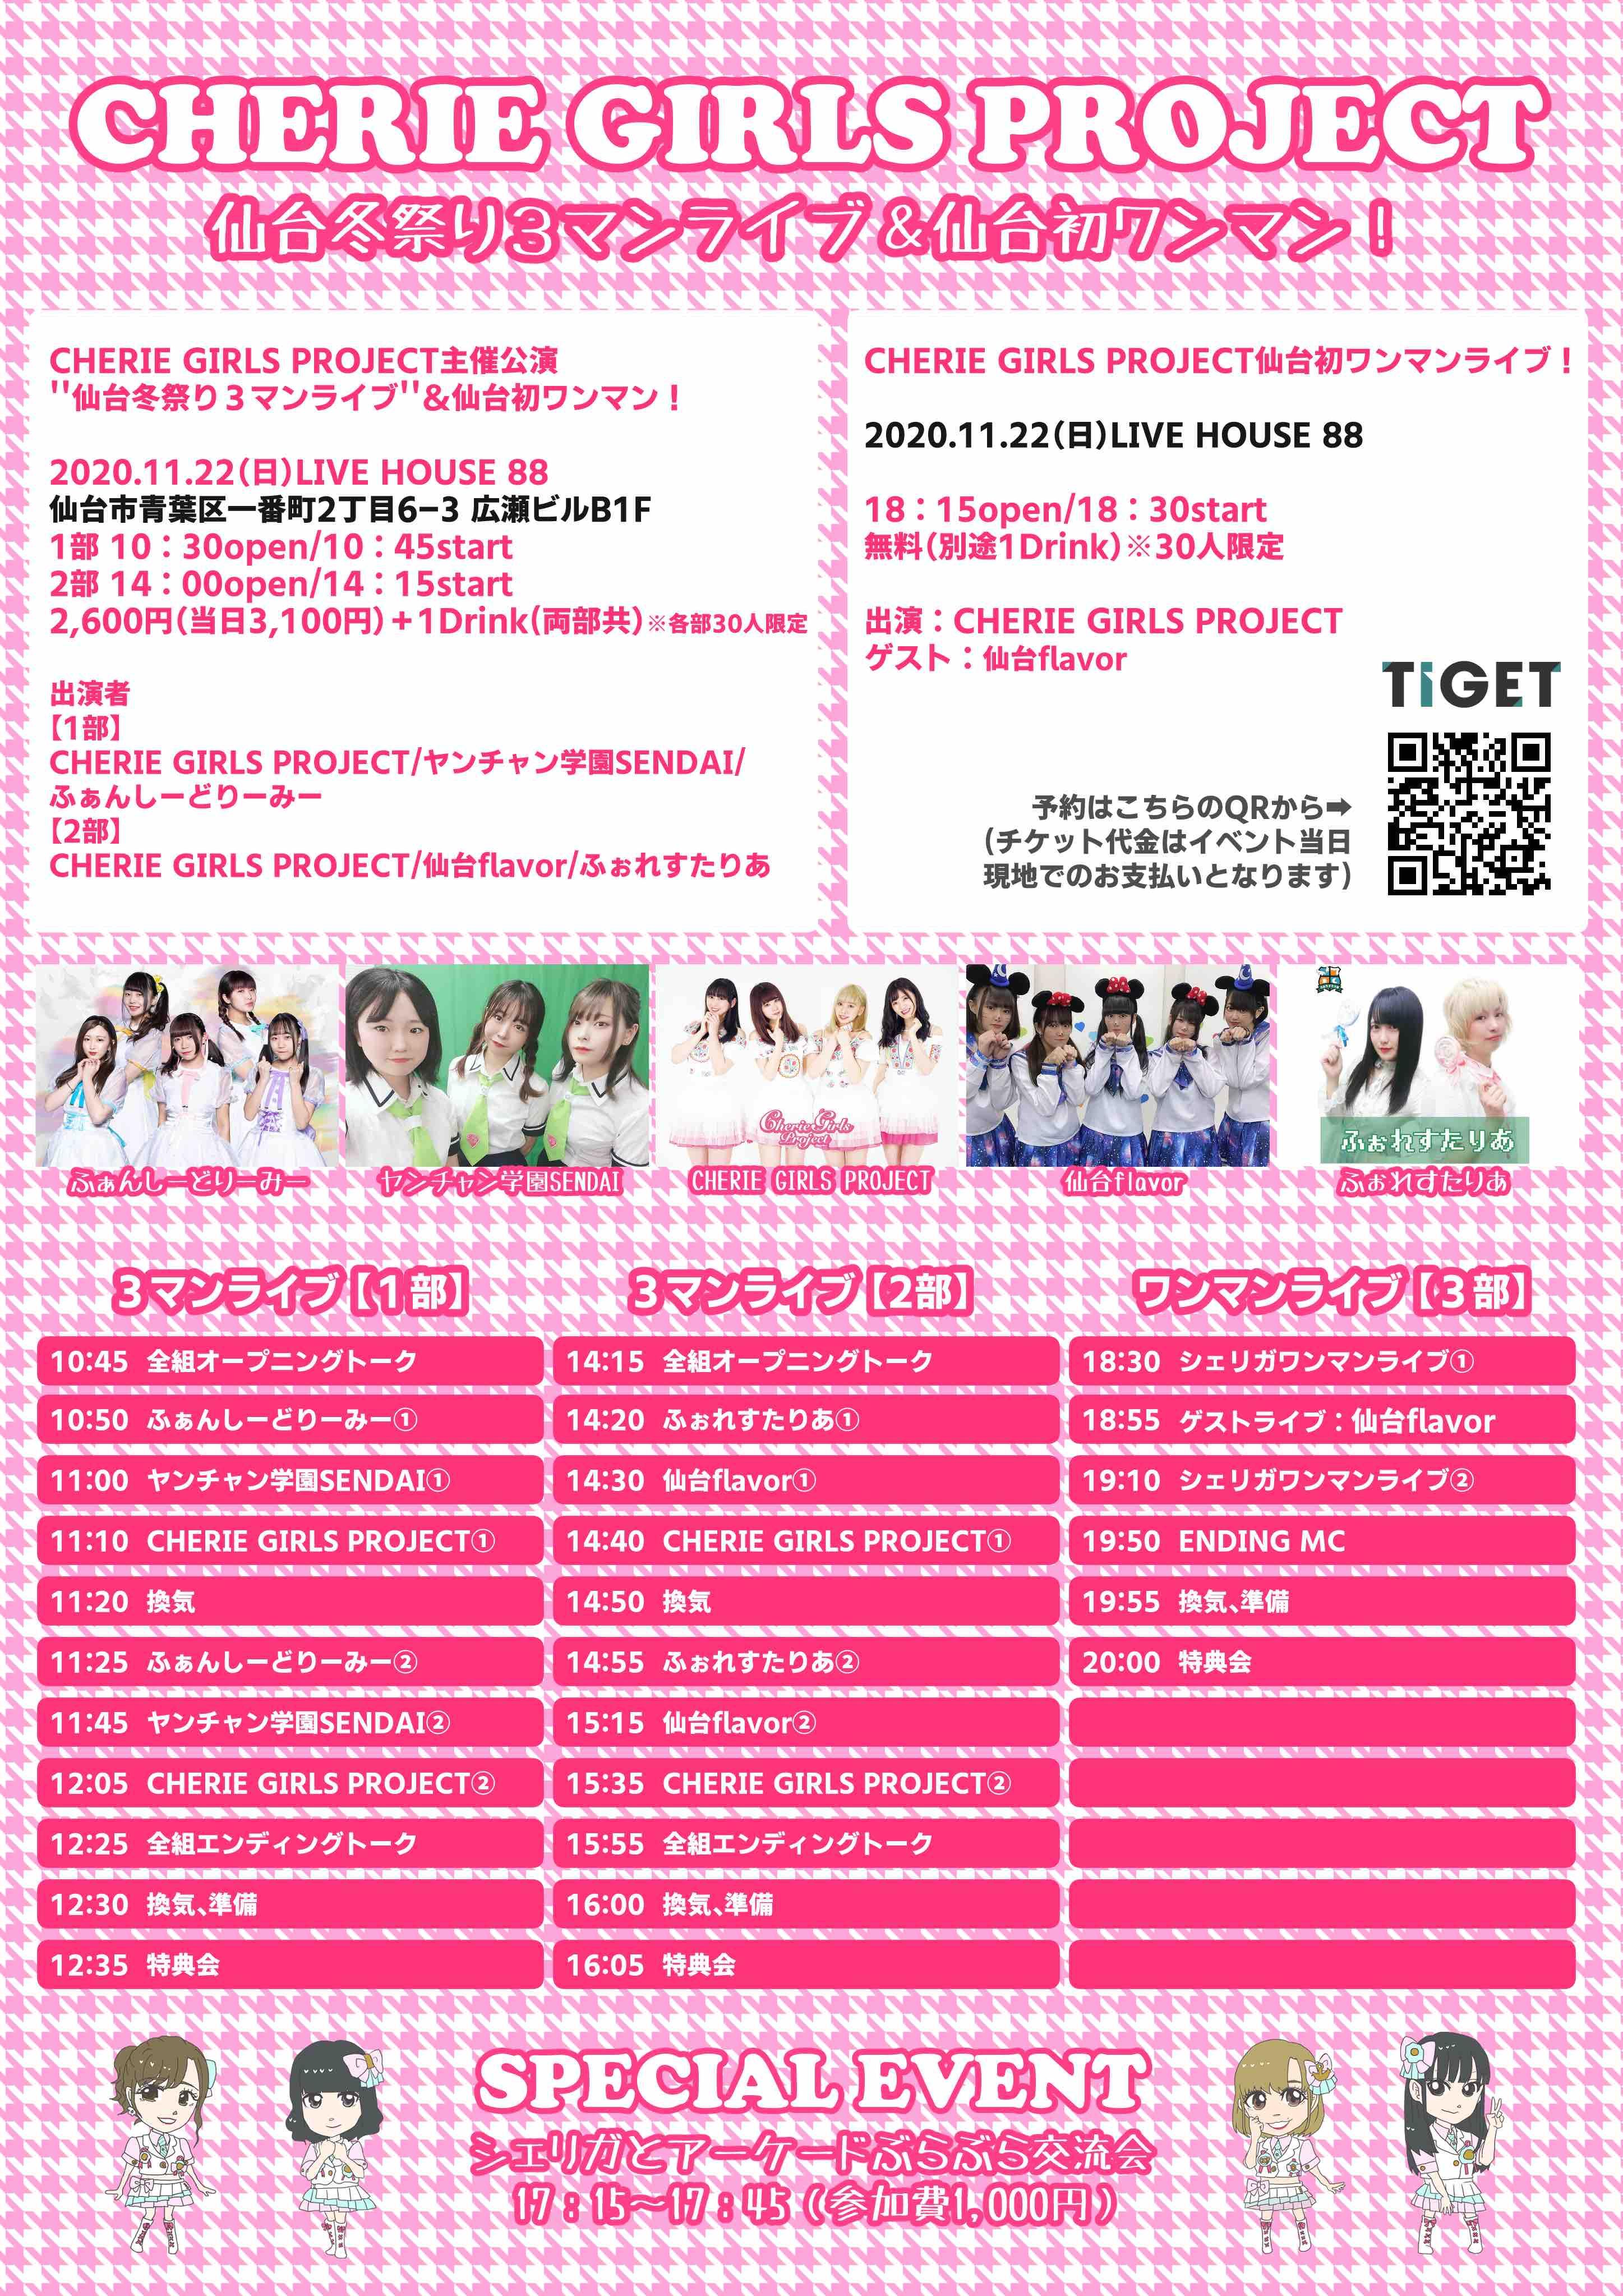 シェリガ仙台6(1)のコピー